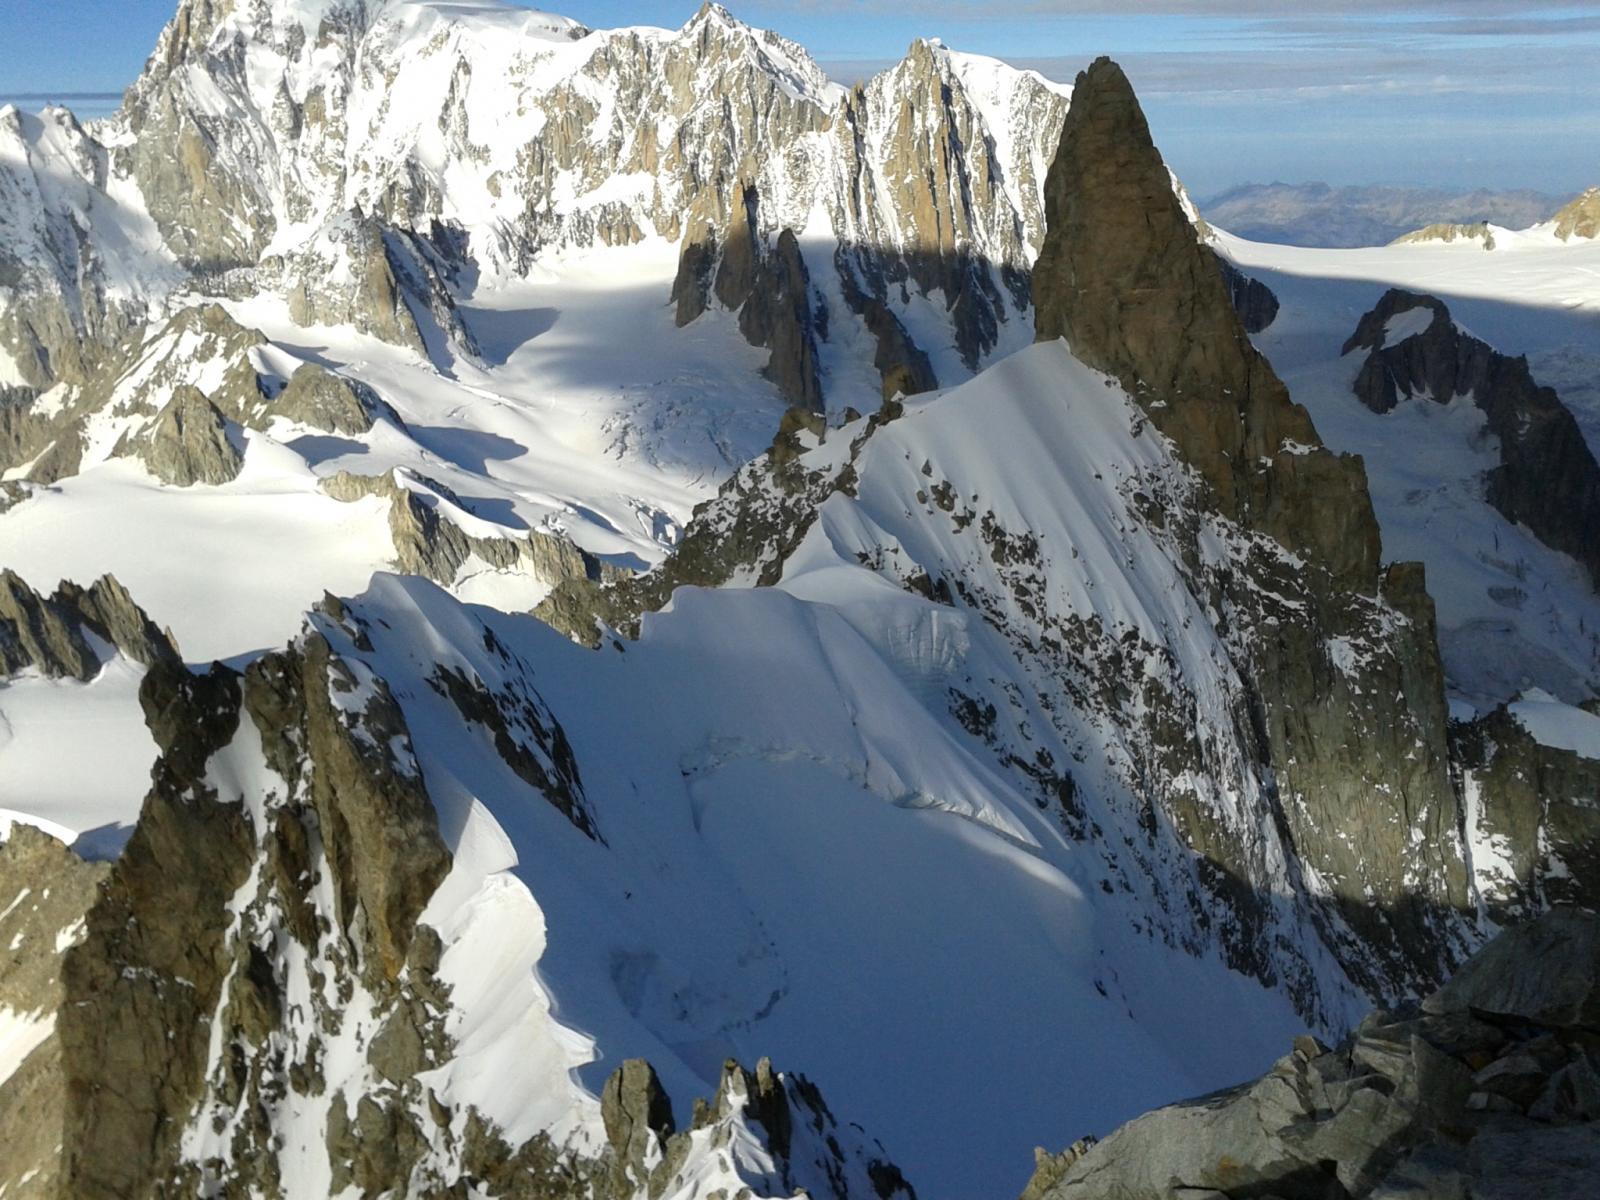 La cresta di Rochefort vista dalla cima dell'Aig. de Rochefort